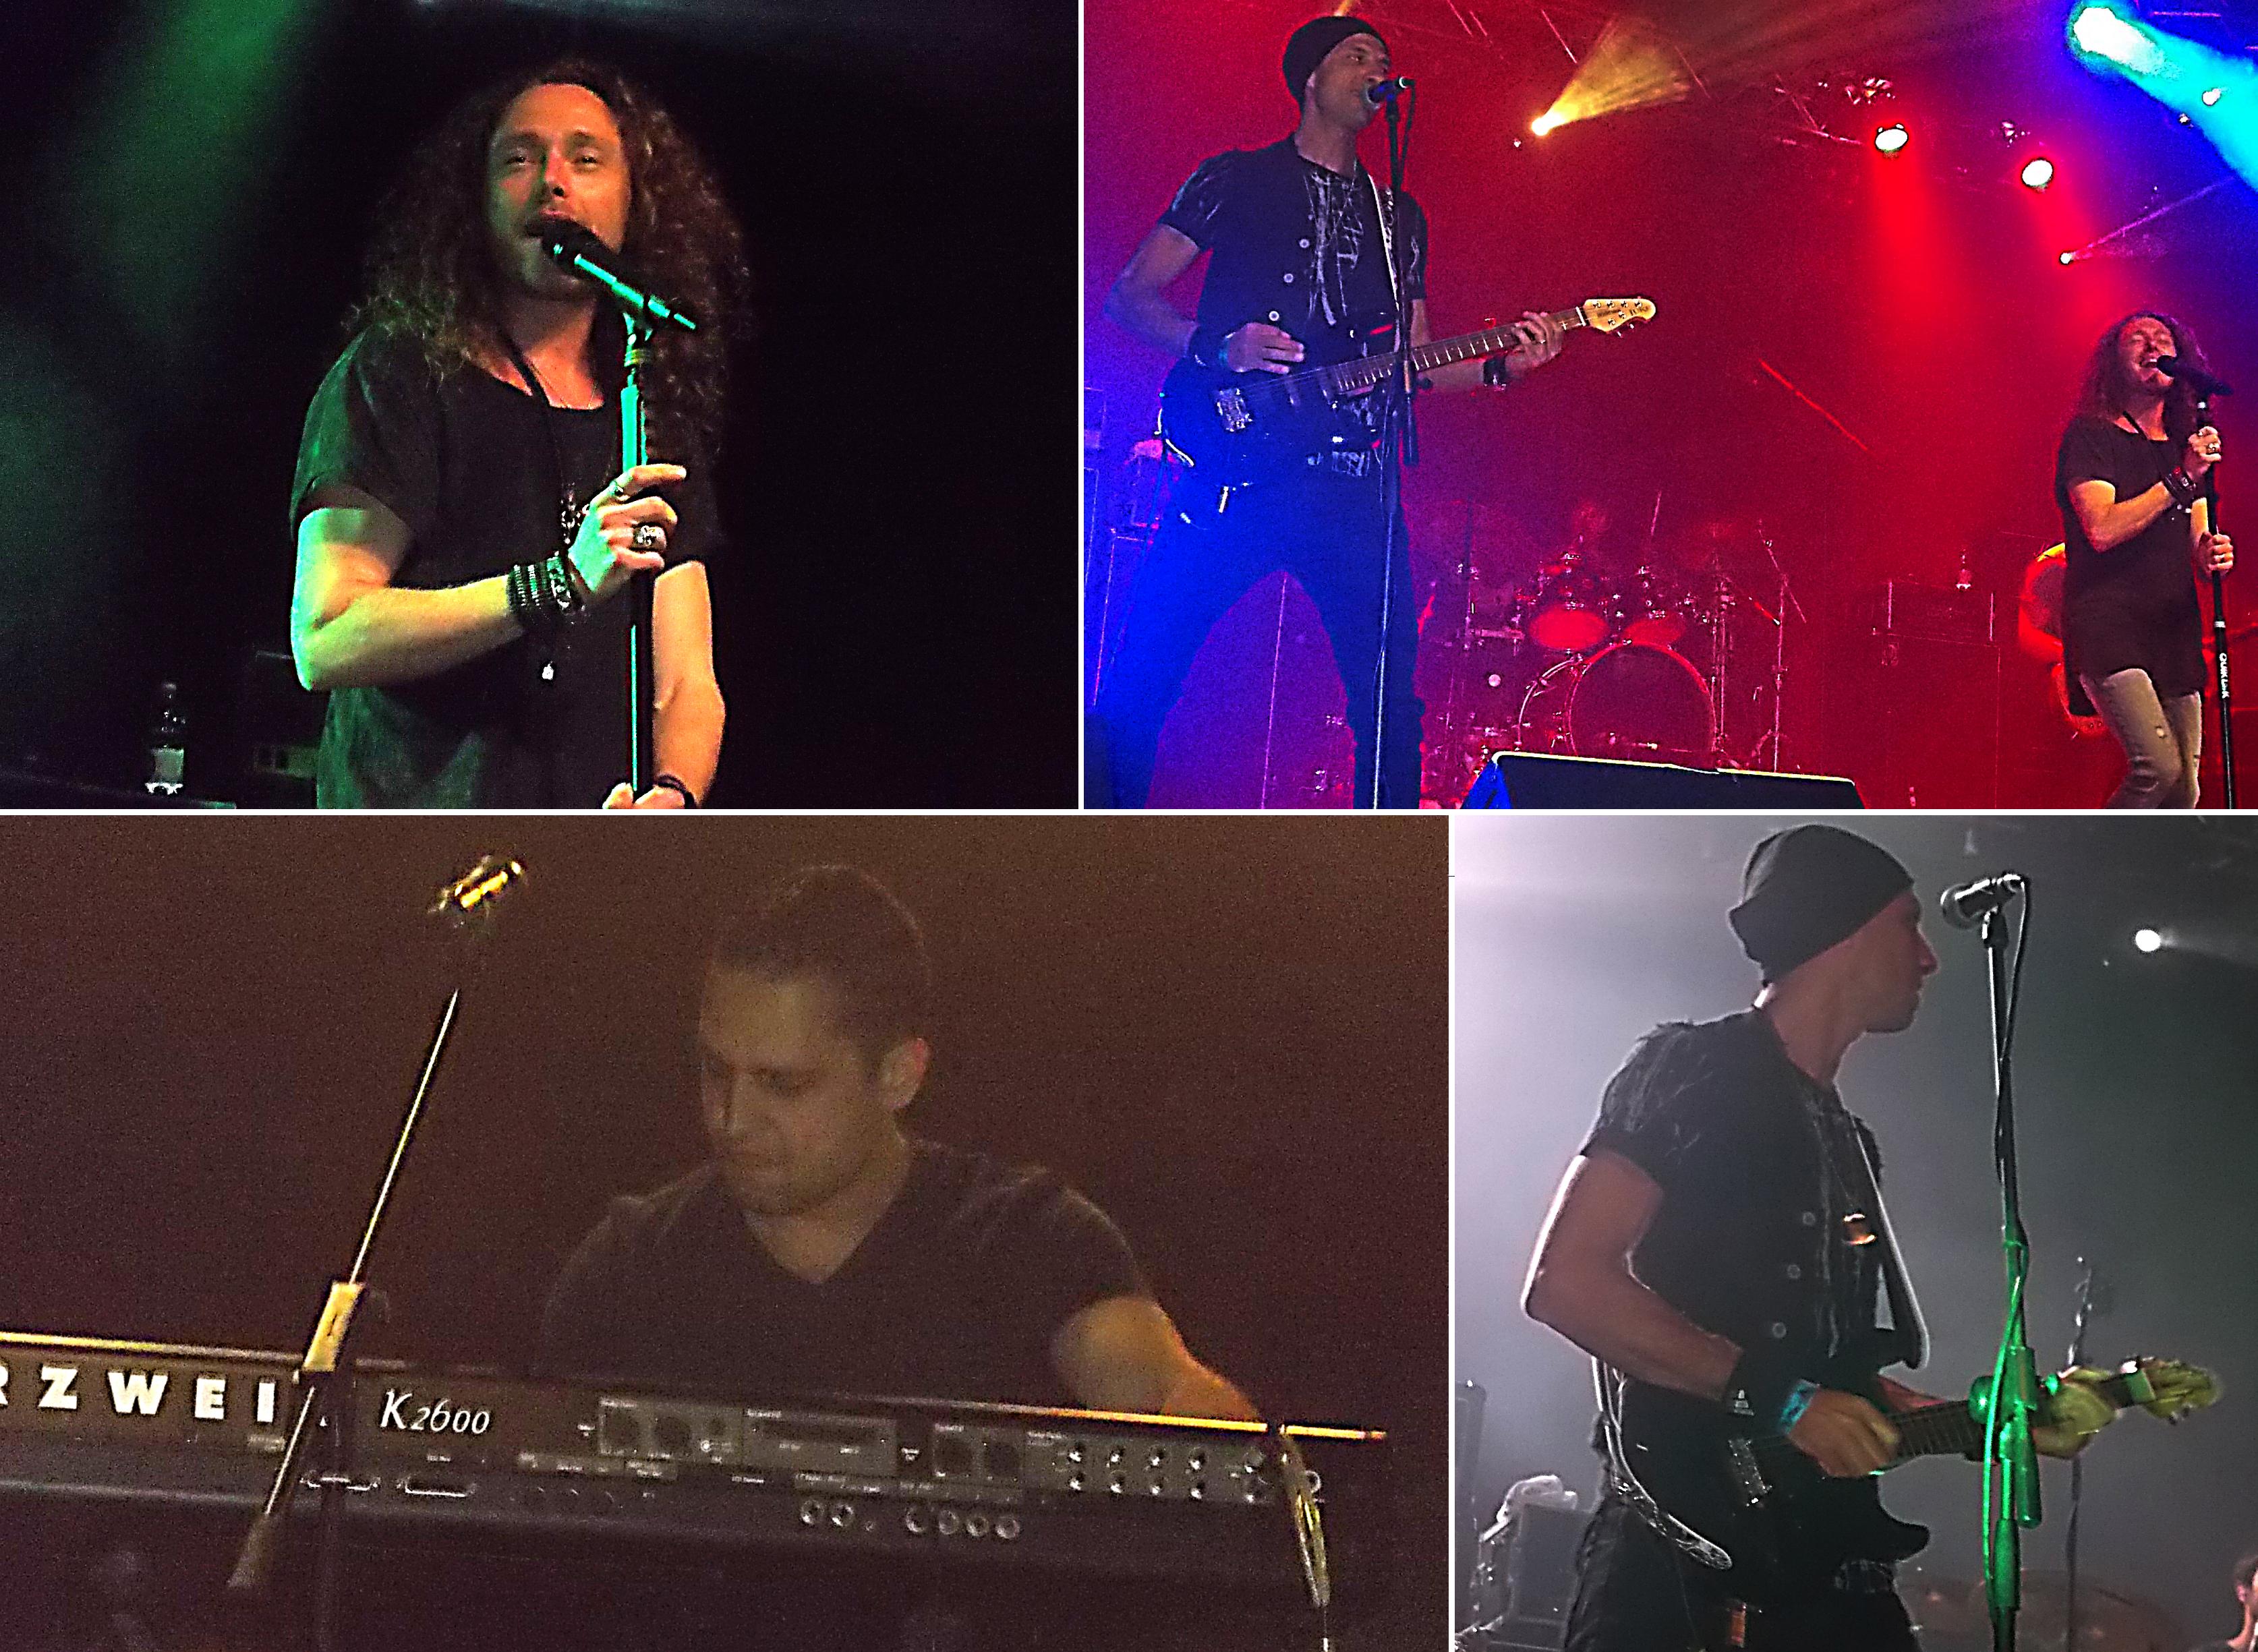 Lionville @ FRF4 - Frontiers Rock Festival - 30 04 2017